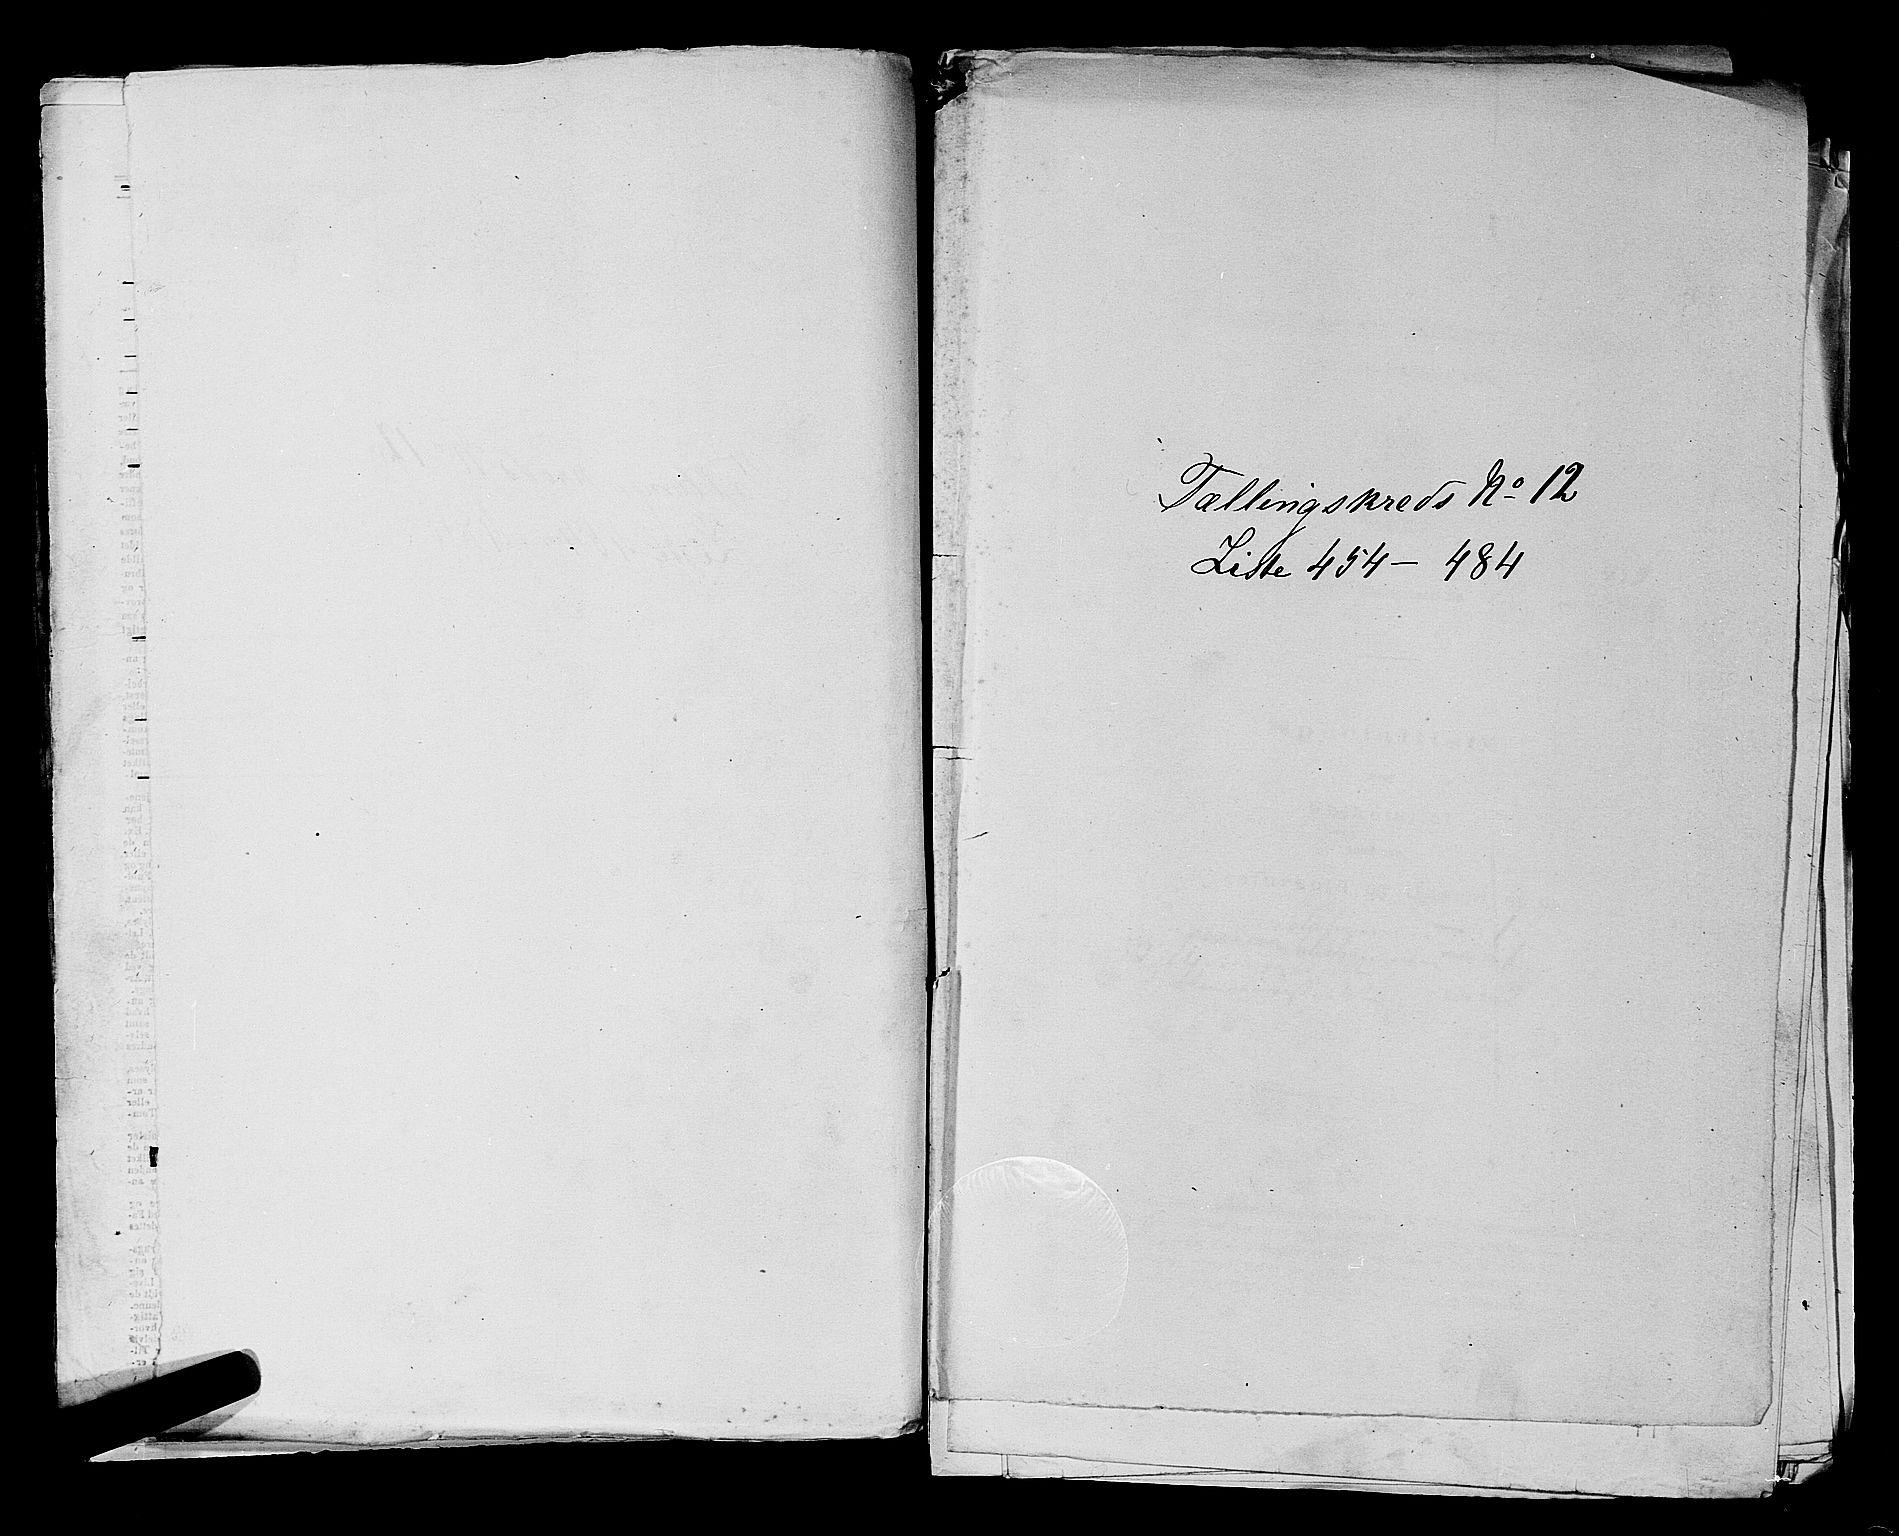 SAKO, Folketelling 1875 for 0703P Horten prestegjeld, 1875, s. 1021